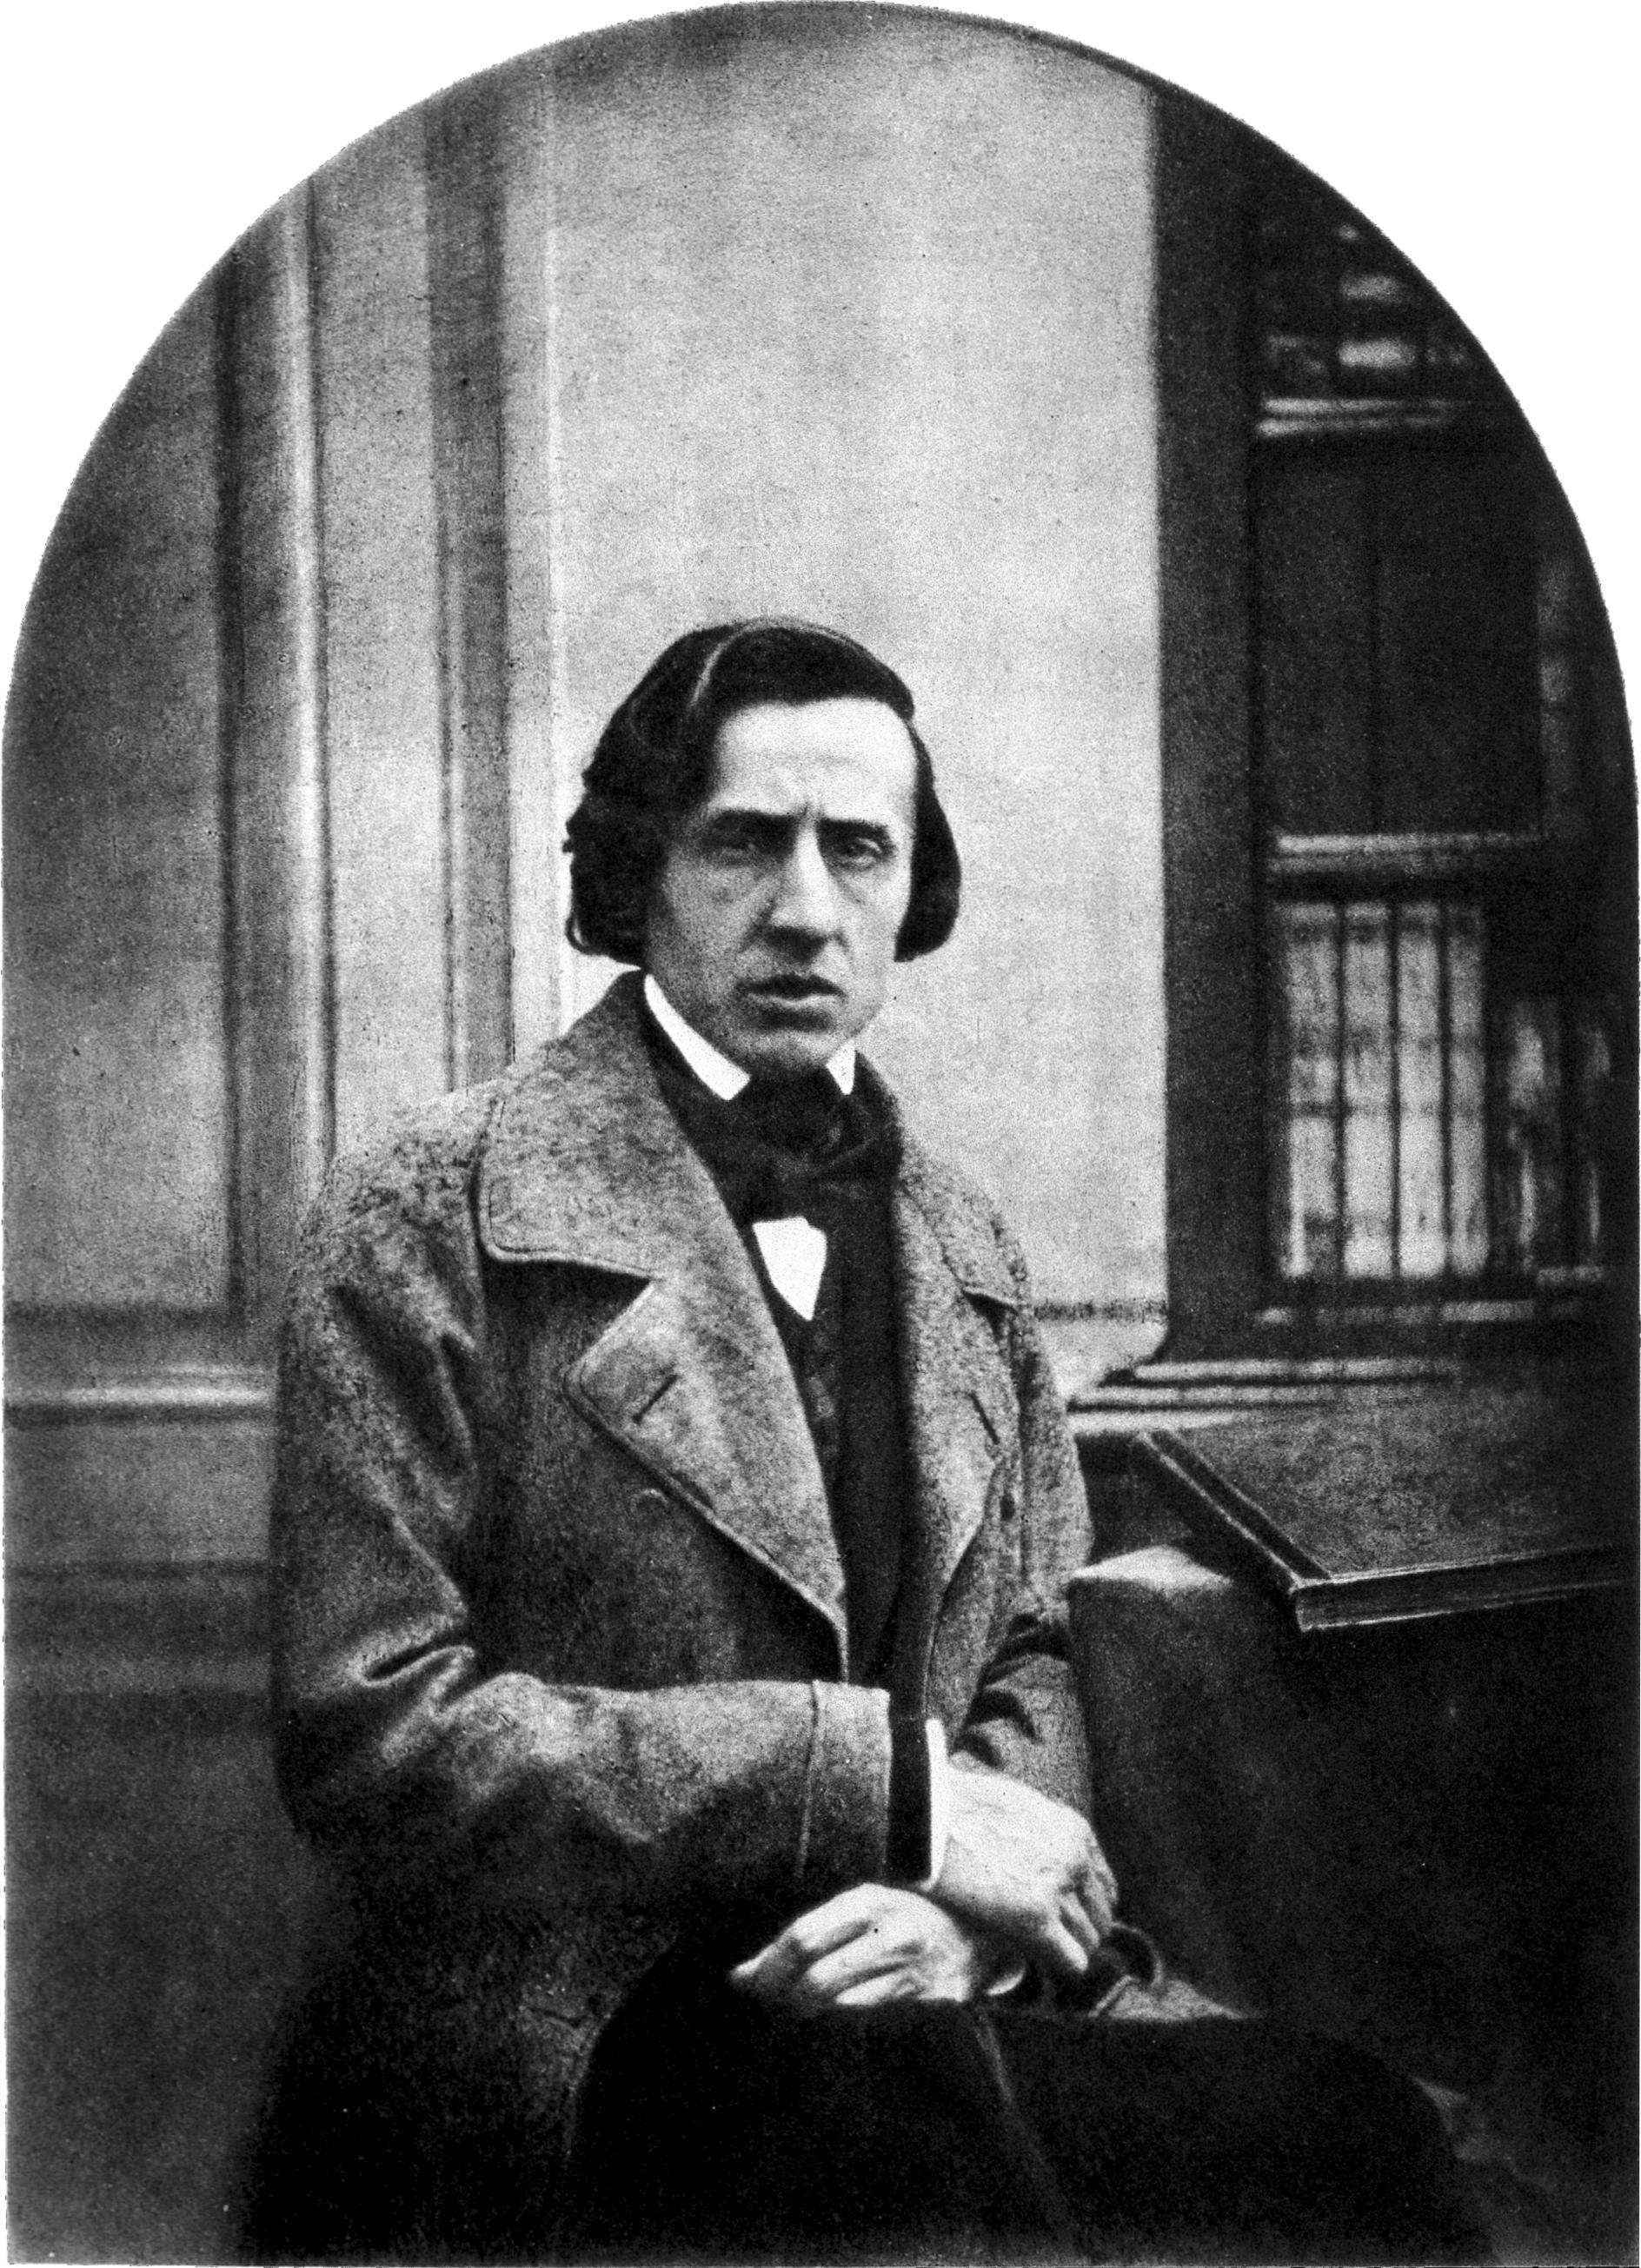 Frédéric Chopin Chopin / Arthur Rubinstein - Chopin: Les 19 Nocturnes - Volume 1 Nocturnes 1 À 10